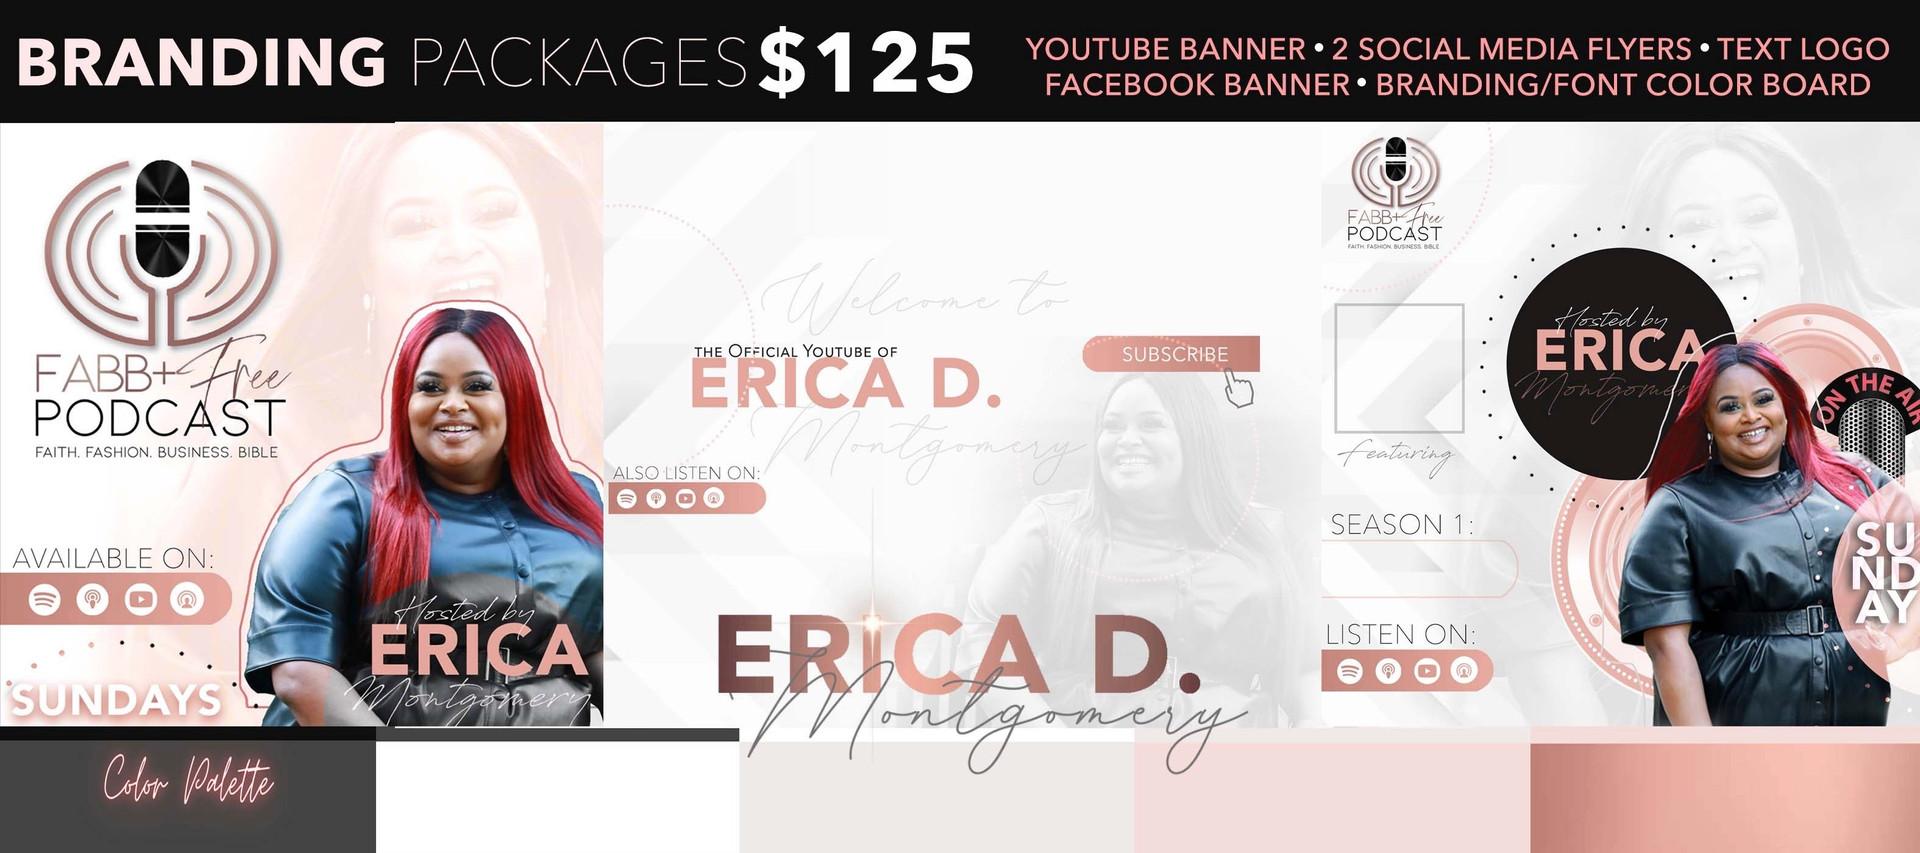 $125 Branding Package